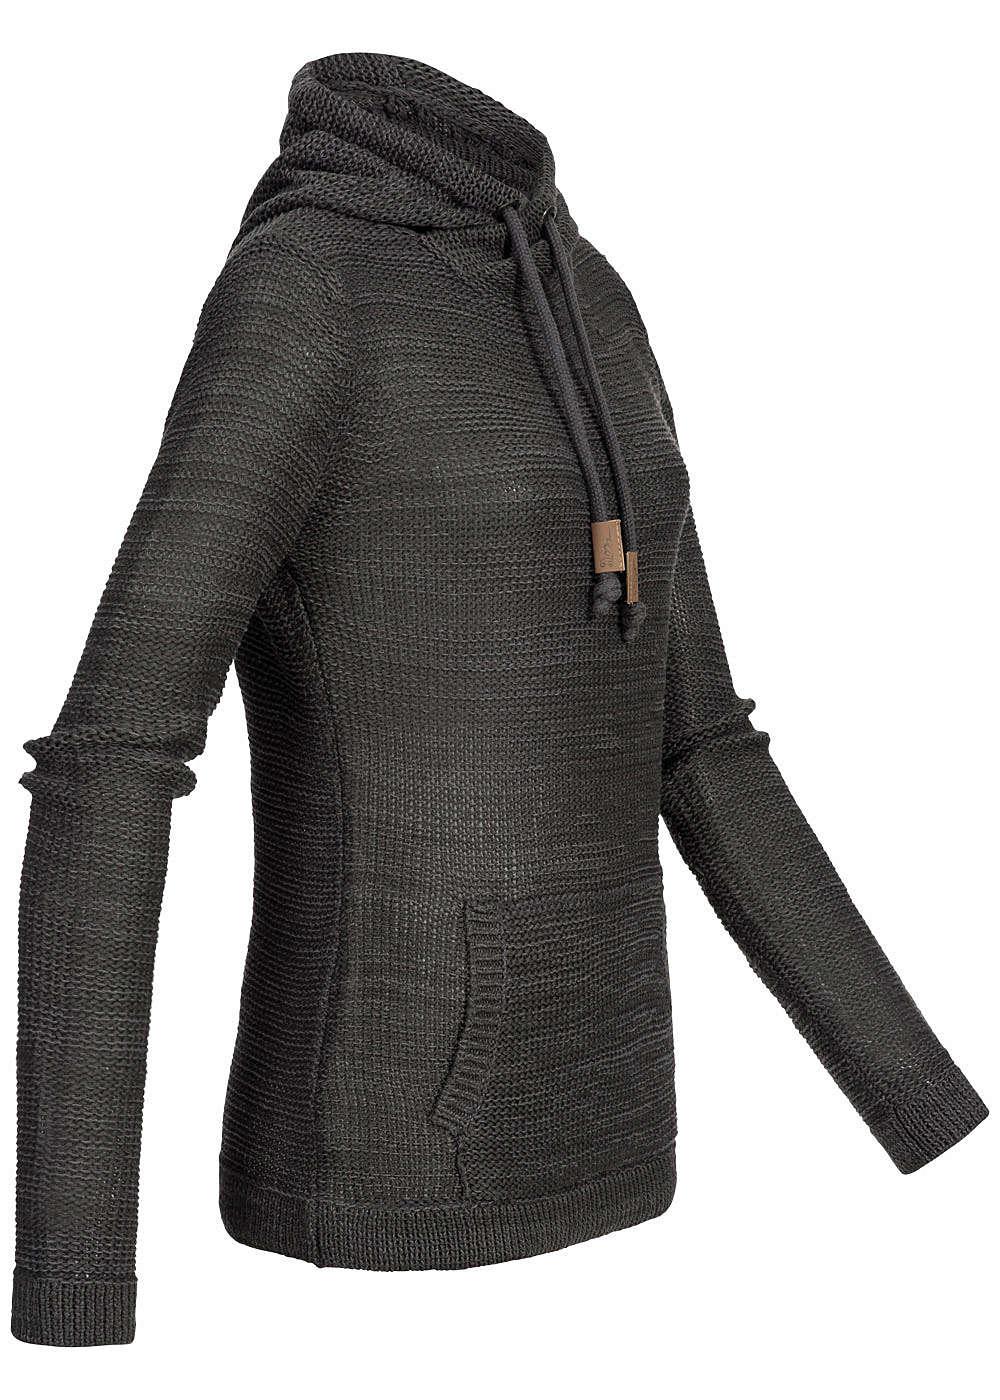 eight2nine damen strick hoodie k ngurutasche kapuze by. Black Bedroom Furniture Sets. Home Design Ideas